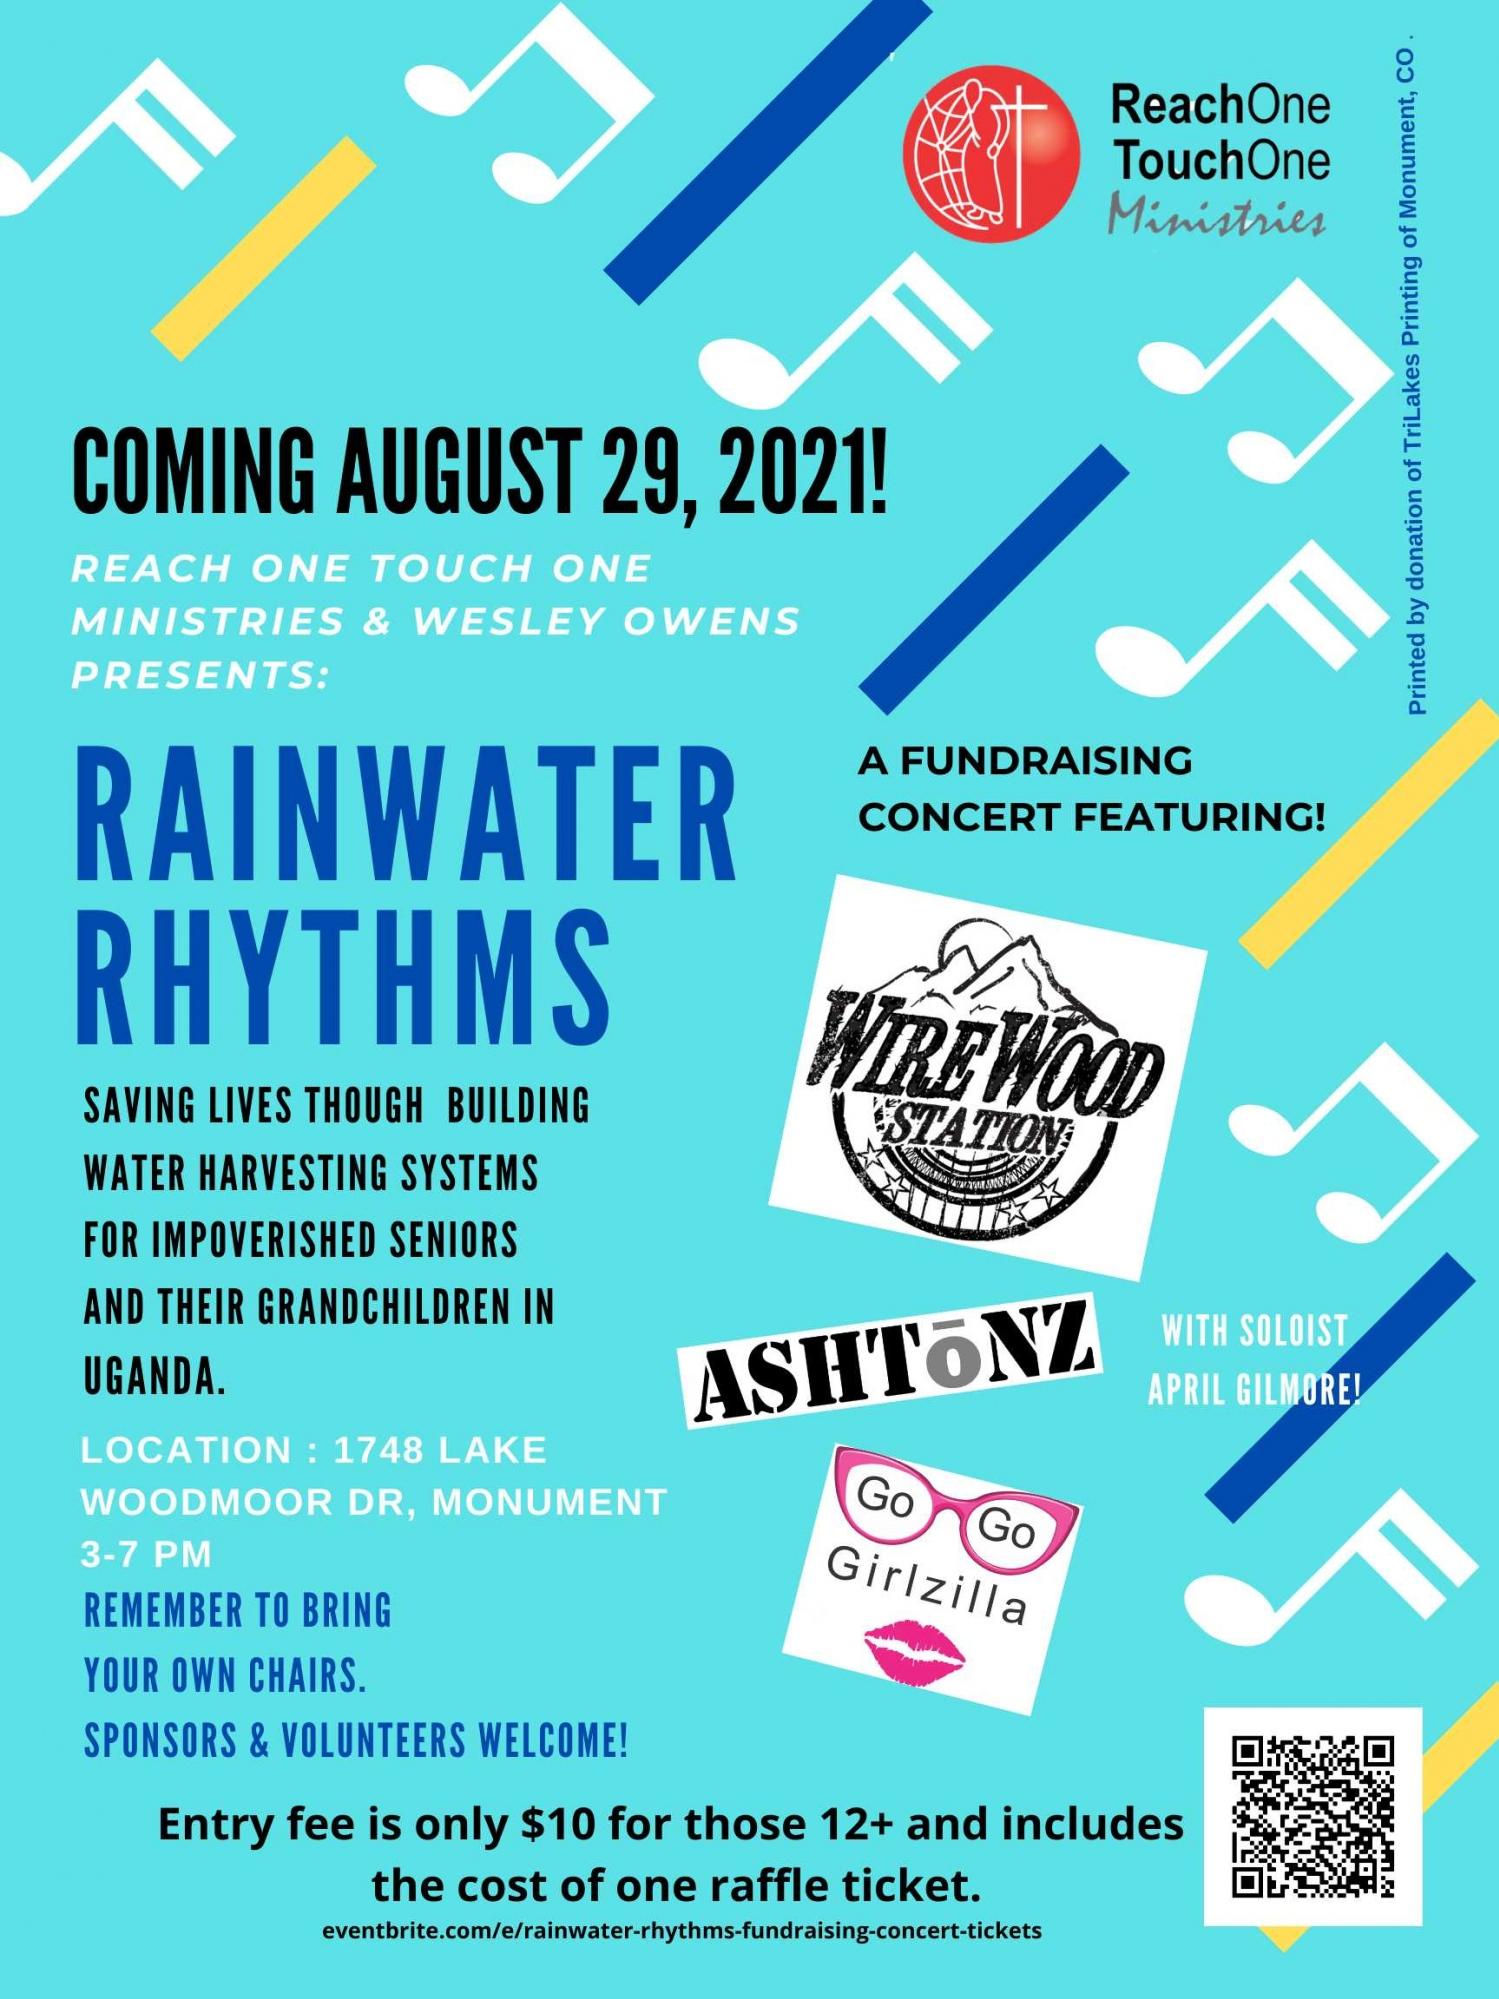 Rainwater Rhythms Concert